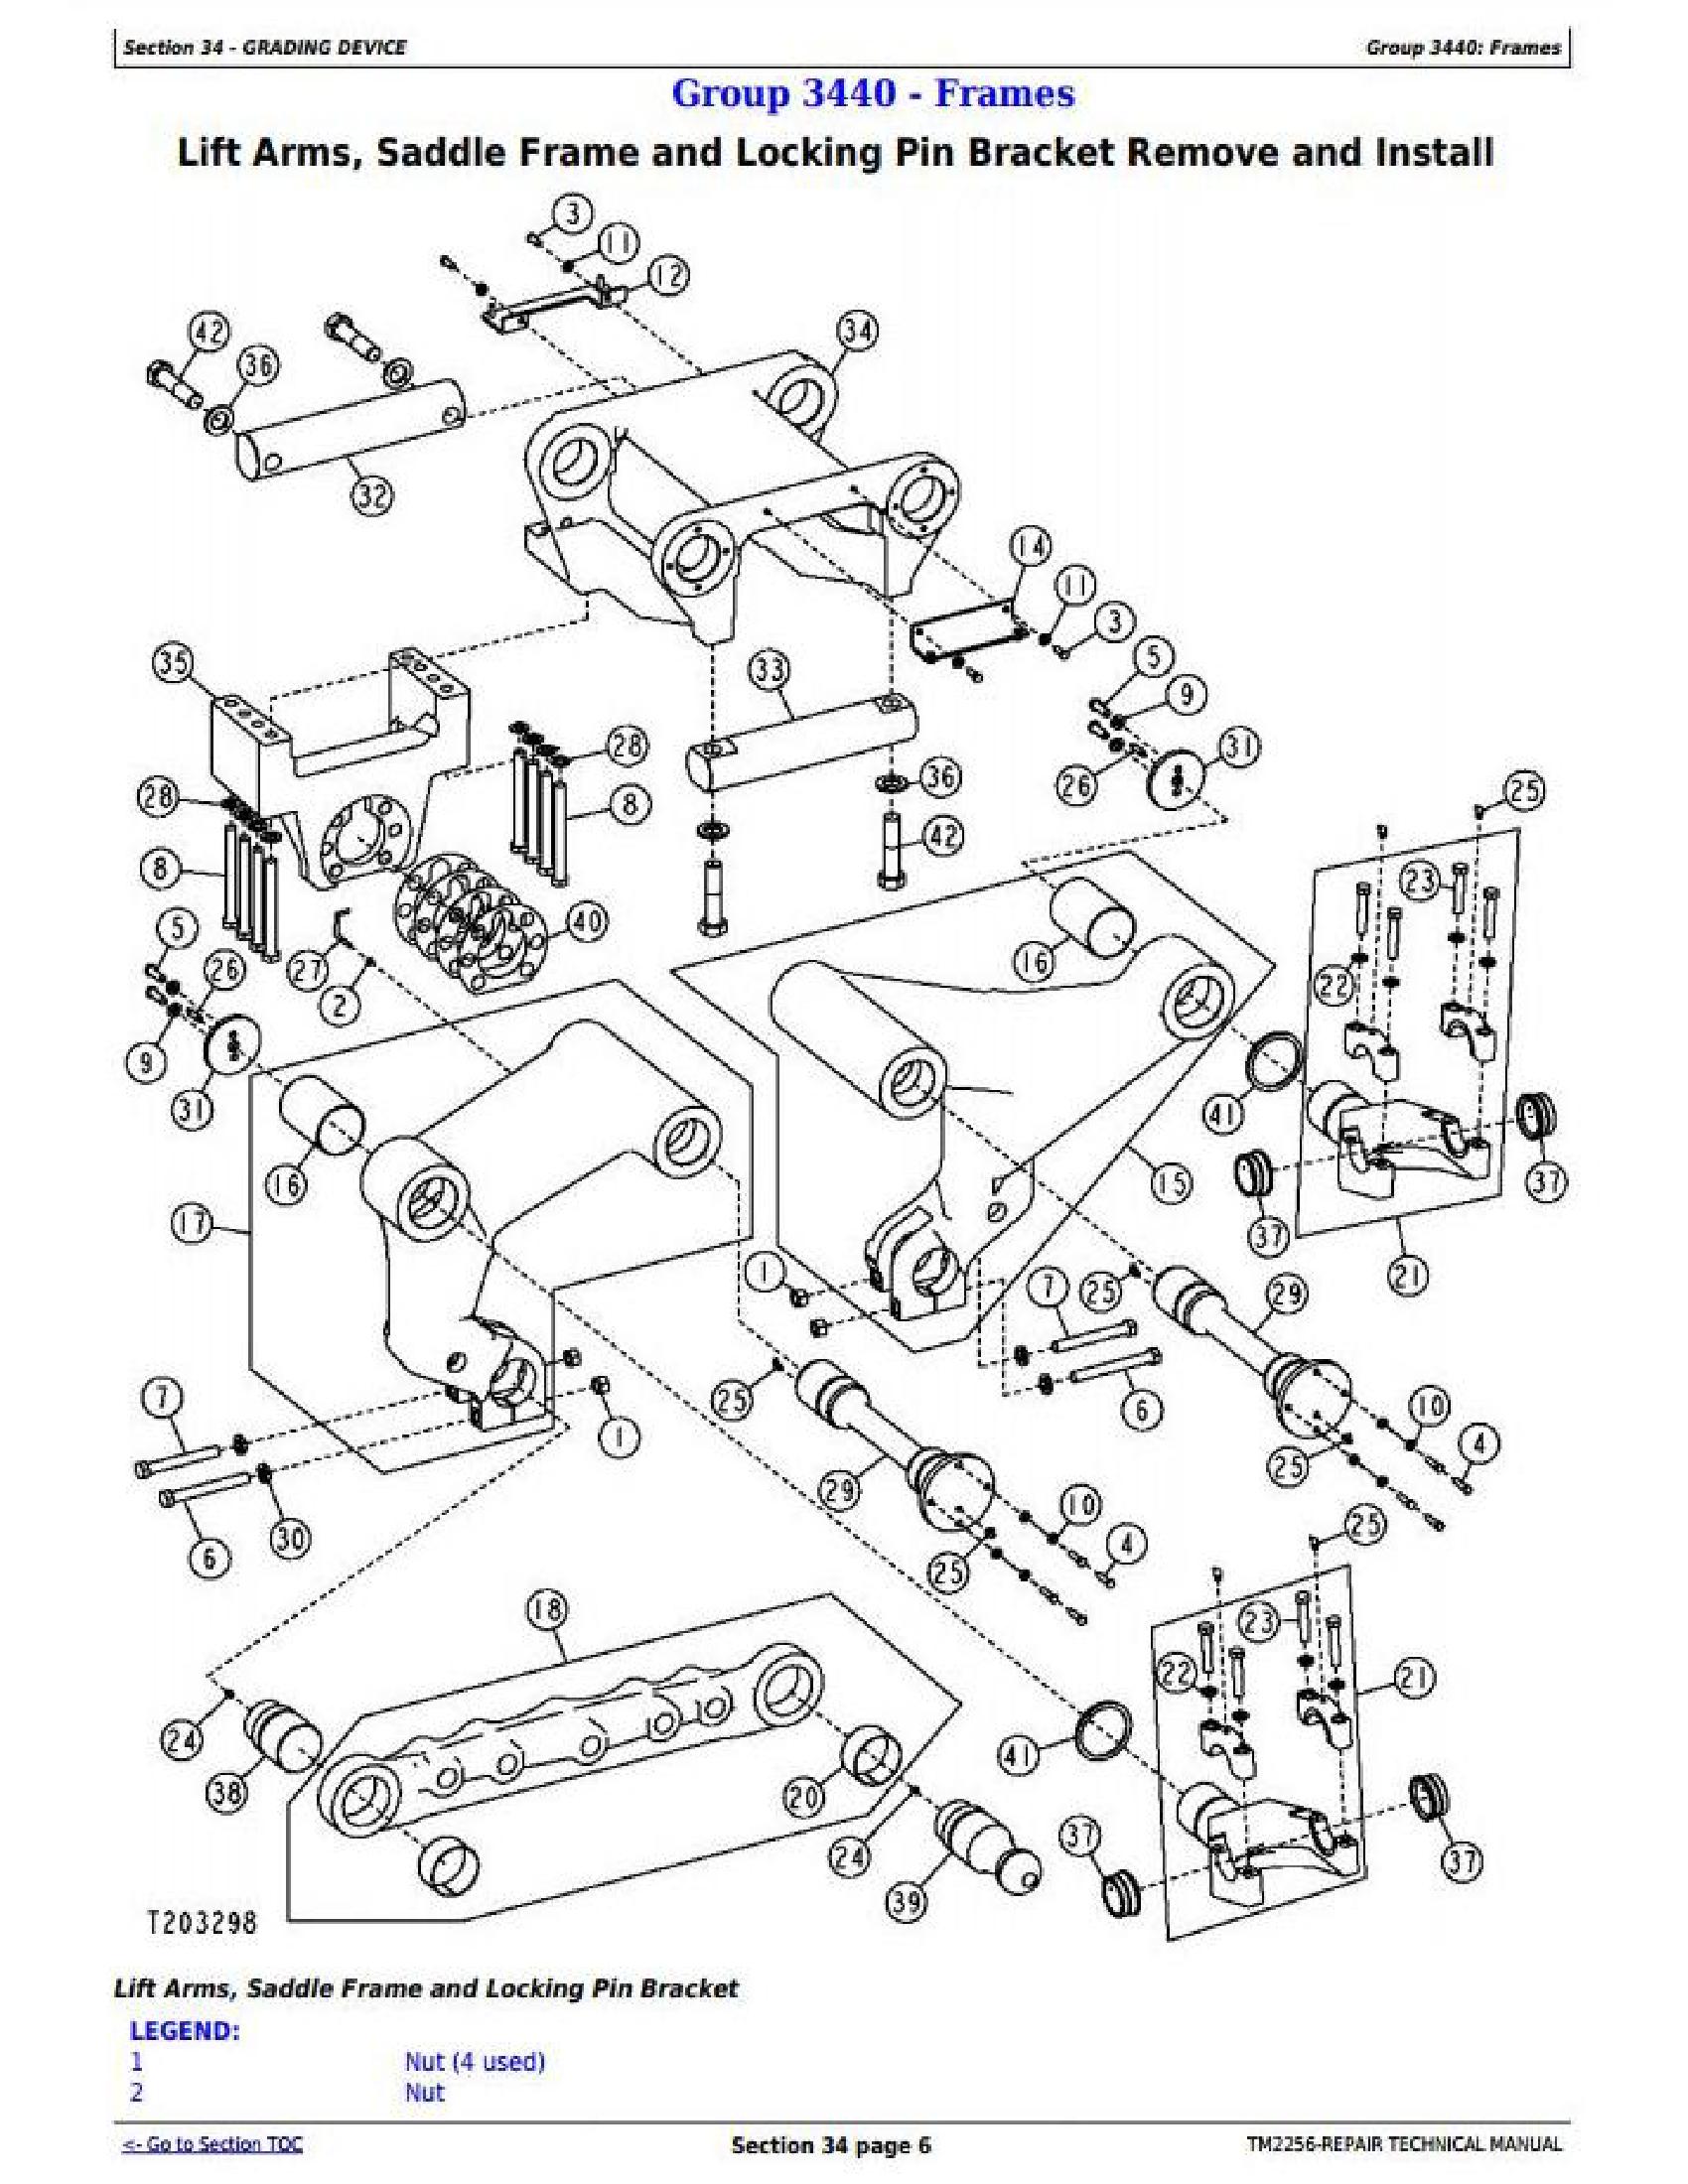 John Deere 870D manual